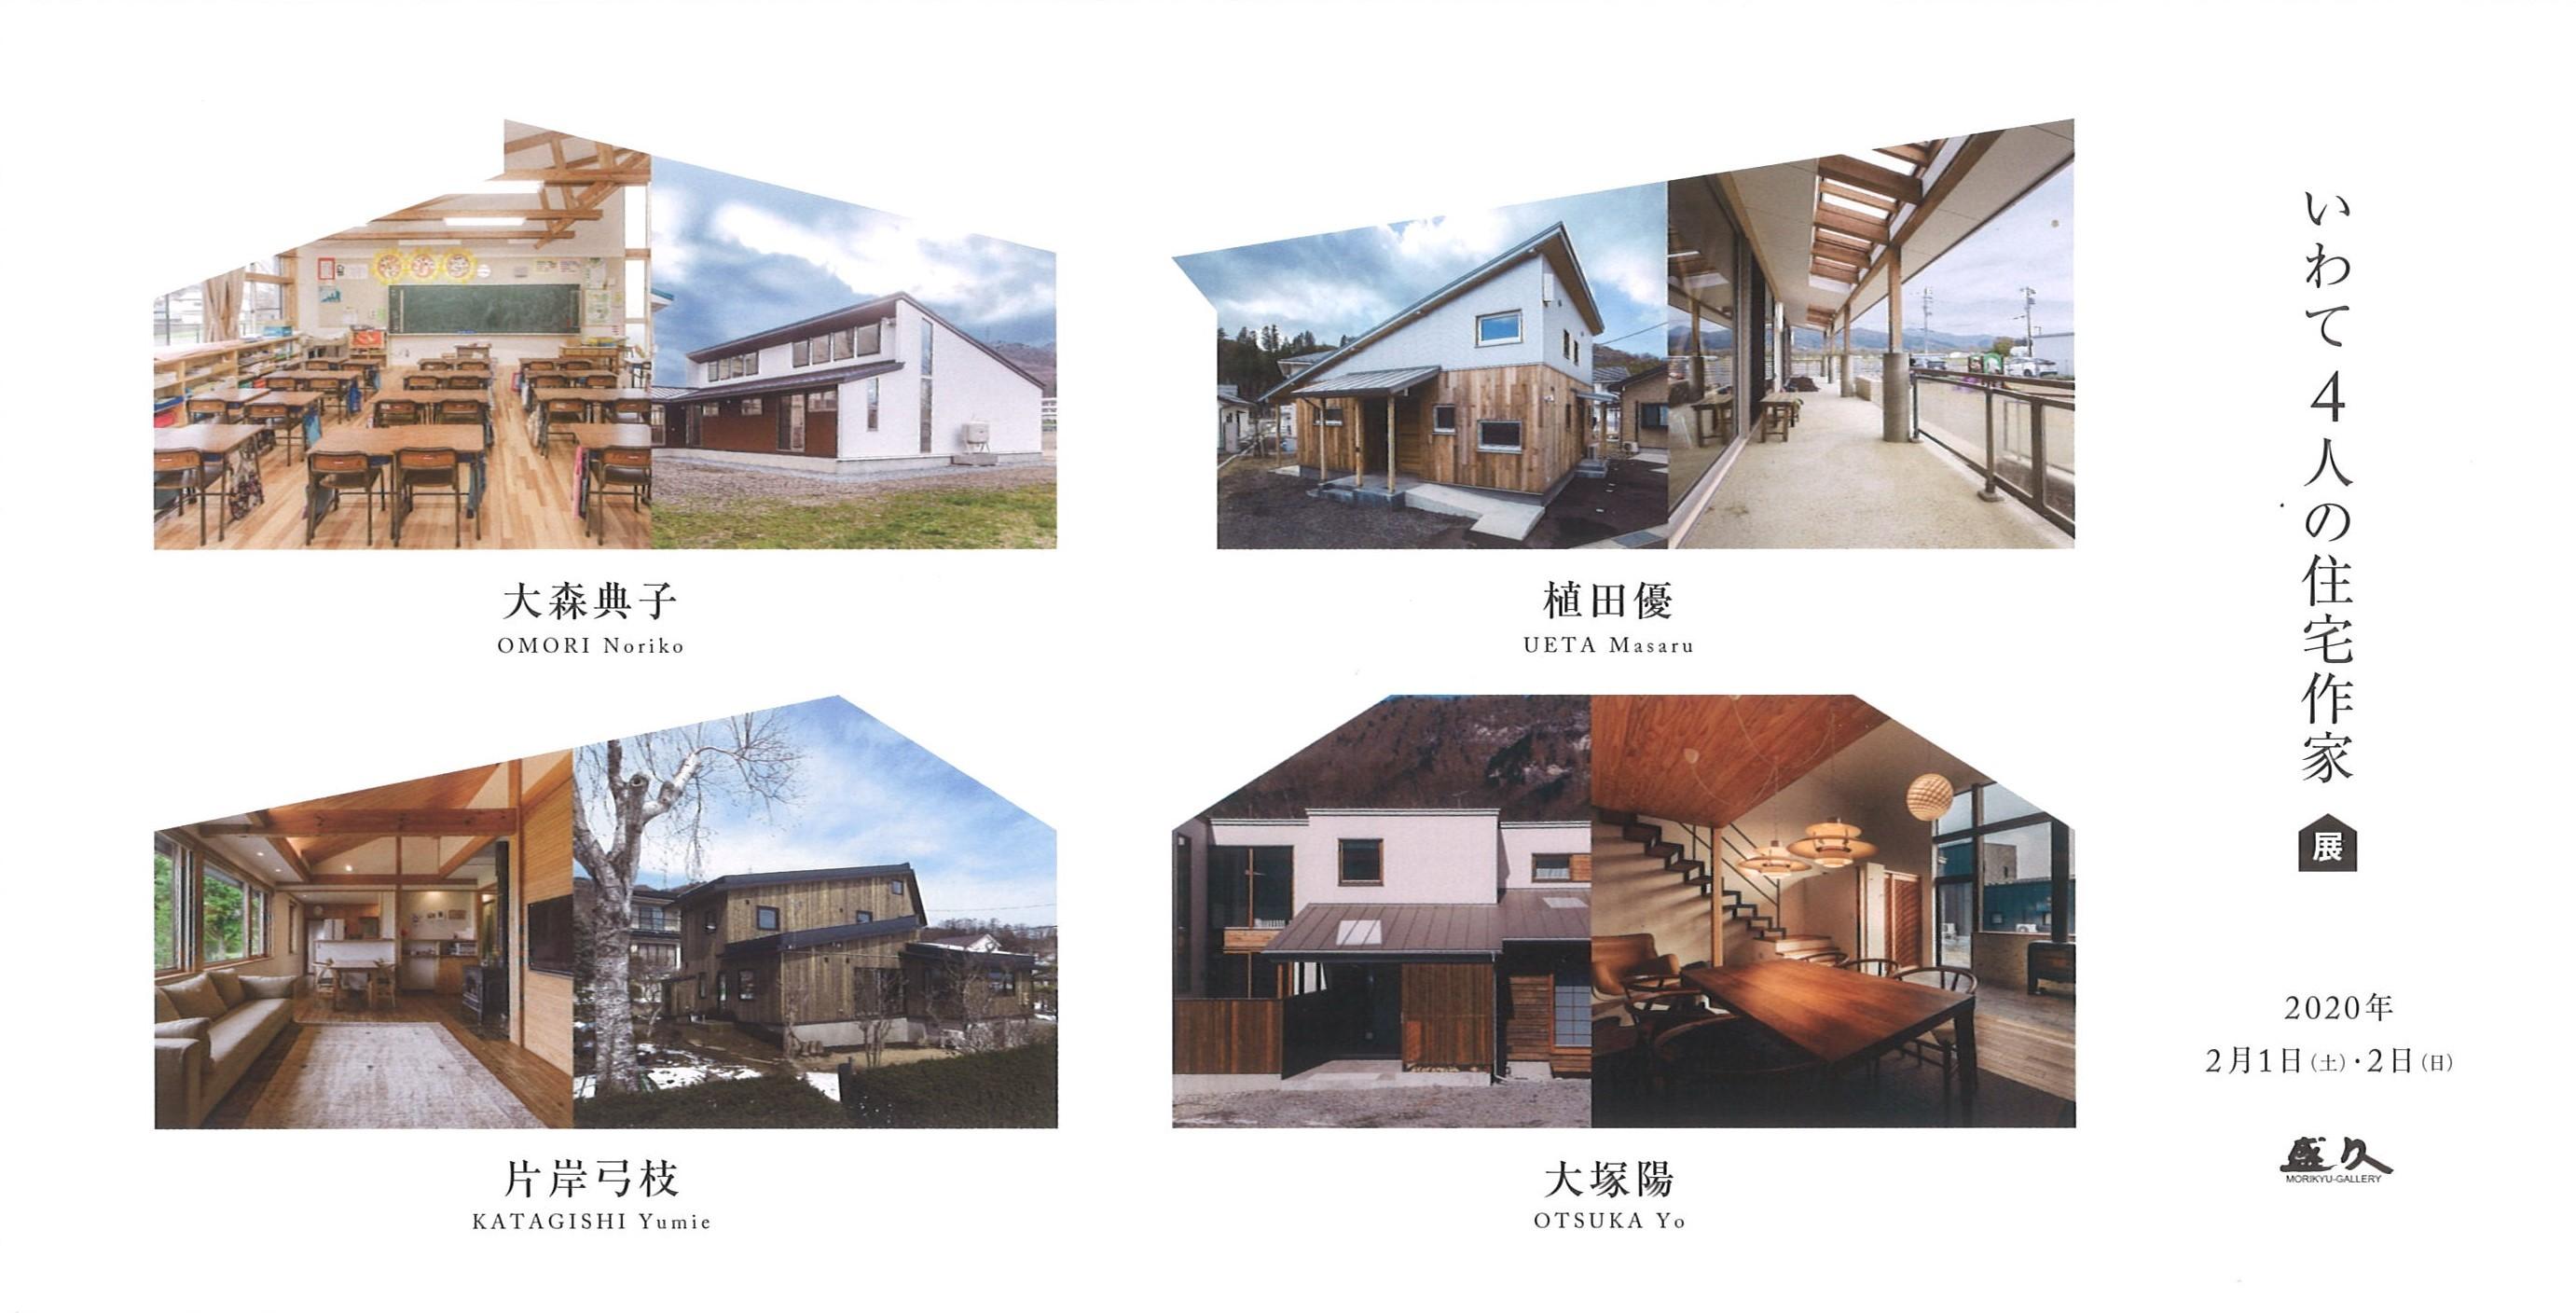 いわて4人の住宅作家展_f0105112_16071894.jpg